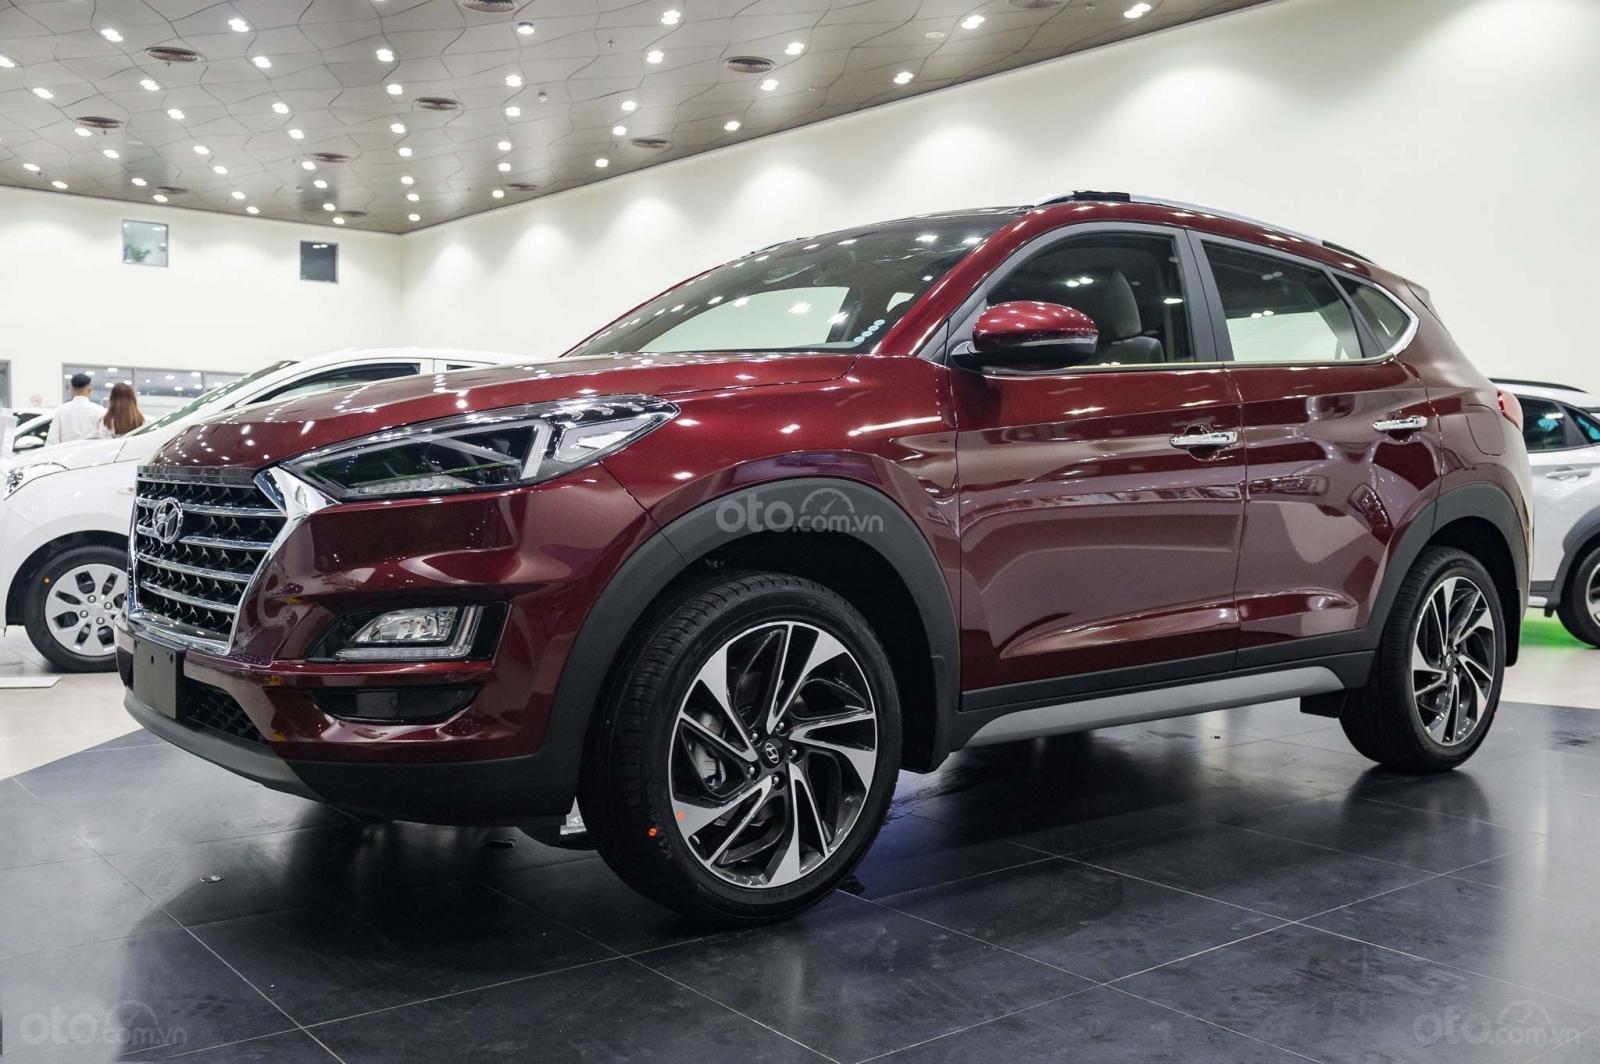 Hyundai Tucson Facelip 2019, chương trình khuyến mãi lên đến 15 triệu. LH ngay 09.387.383.06-2